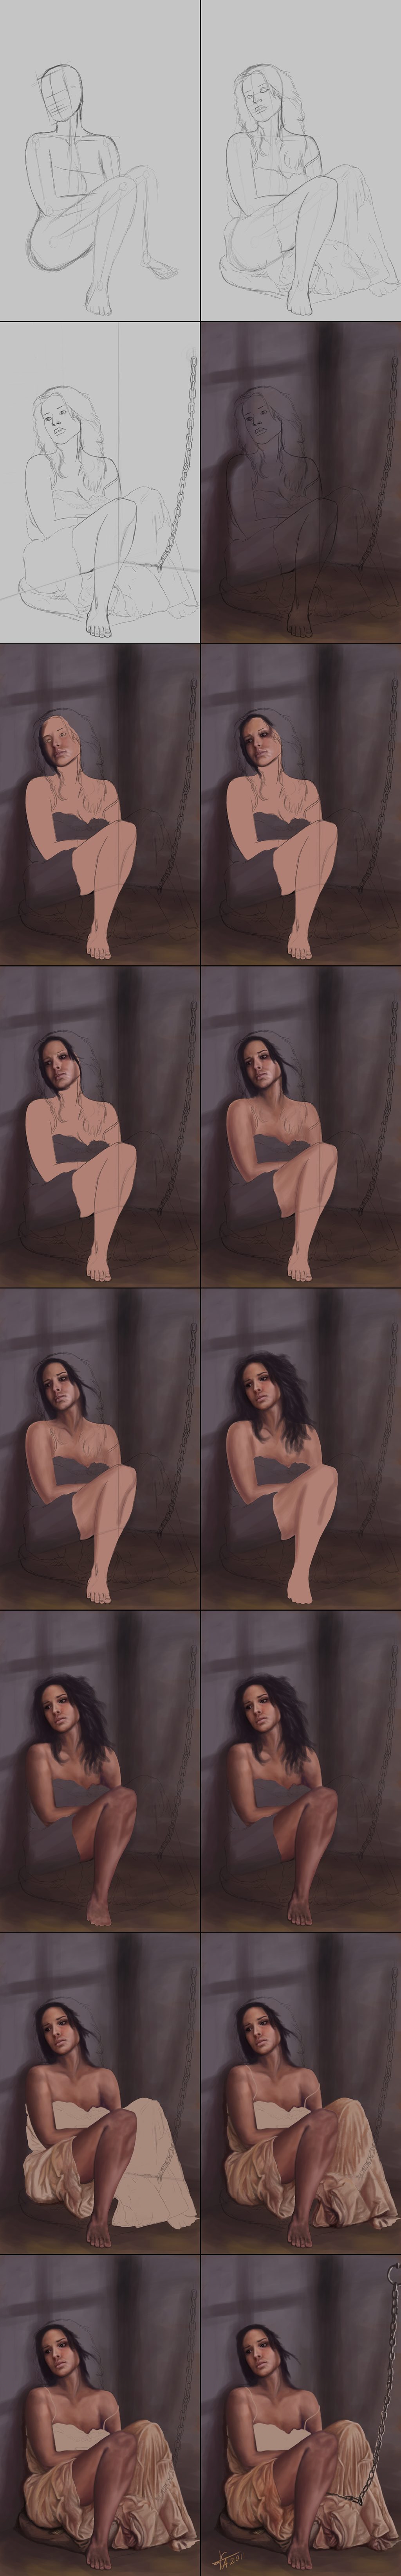 Prisionera Encadenada Steps I by LordScythe